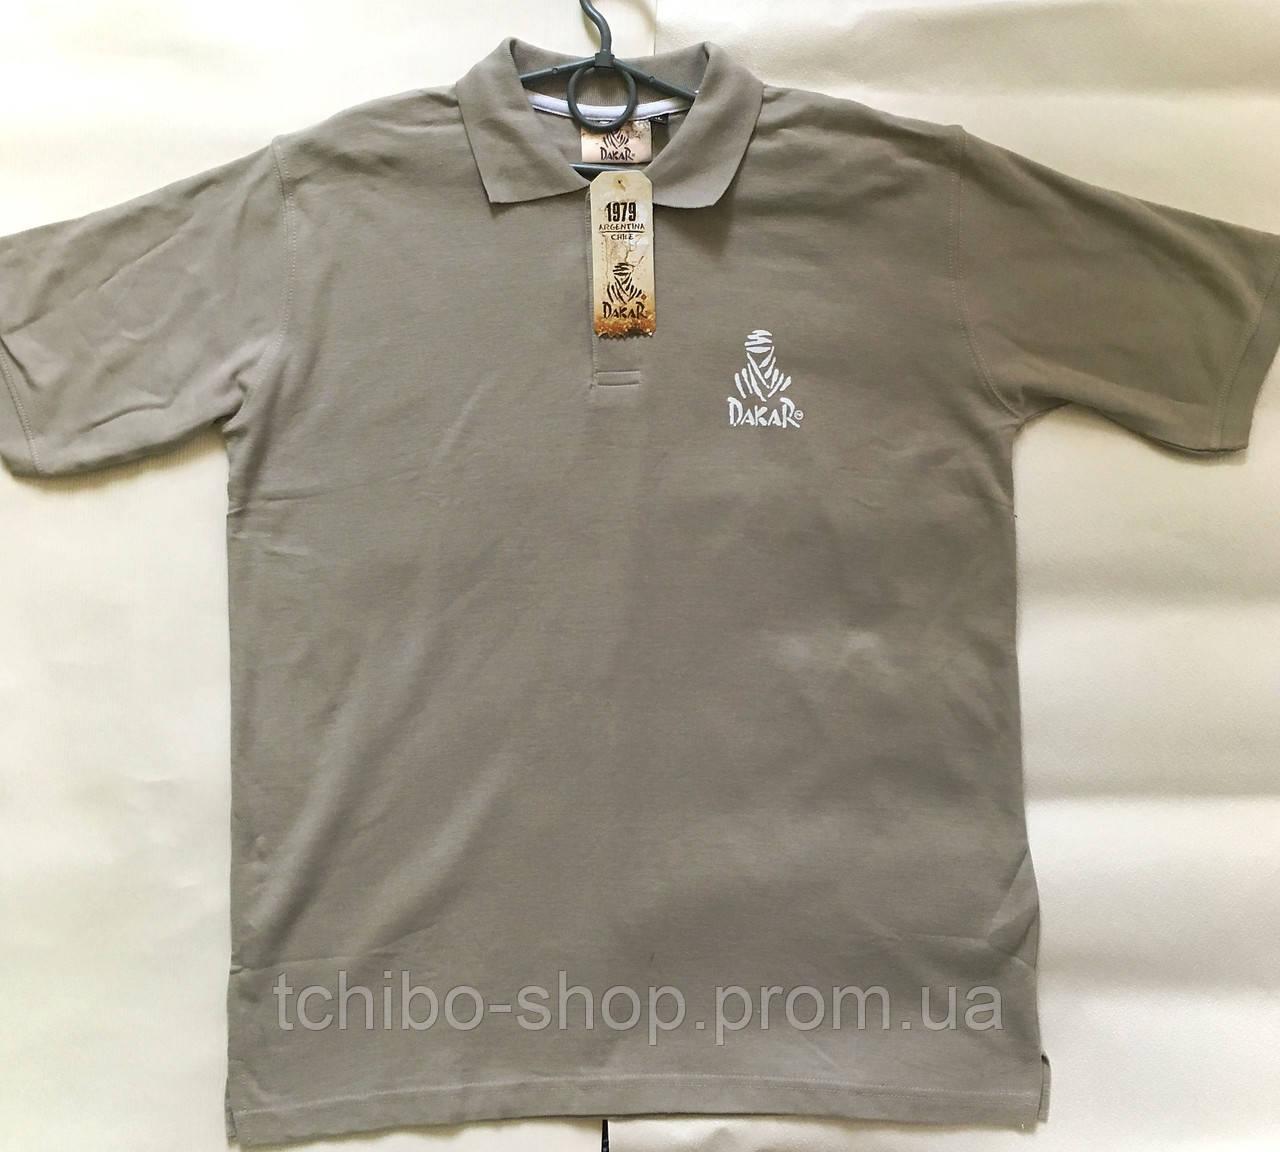 e527b4c23569a Классная мужская футболка-поло от Dakar размер ХL евро -